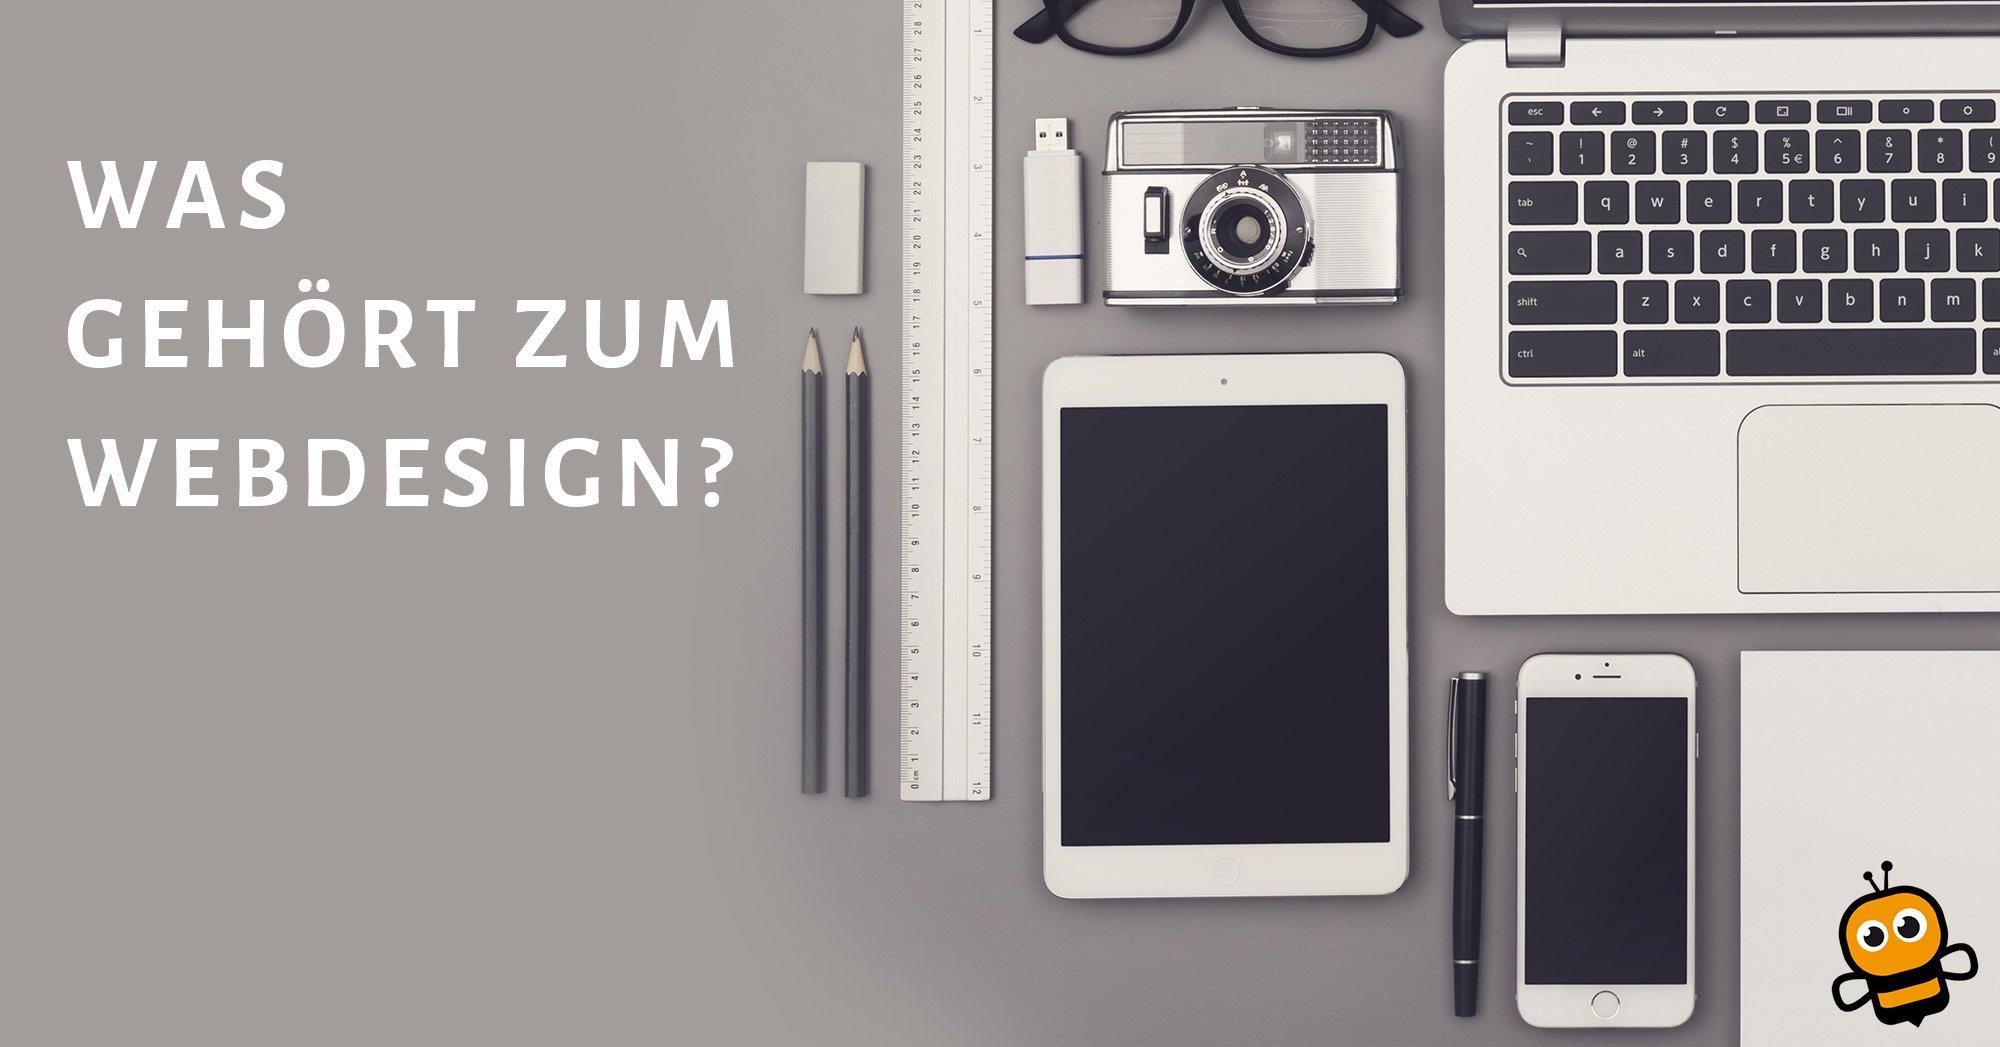 was gehoert zum webdesign